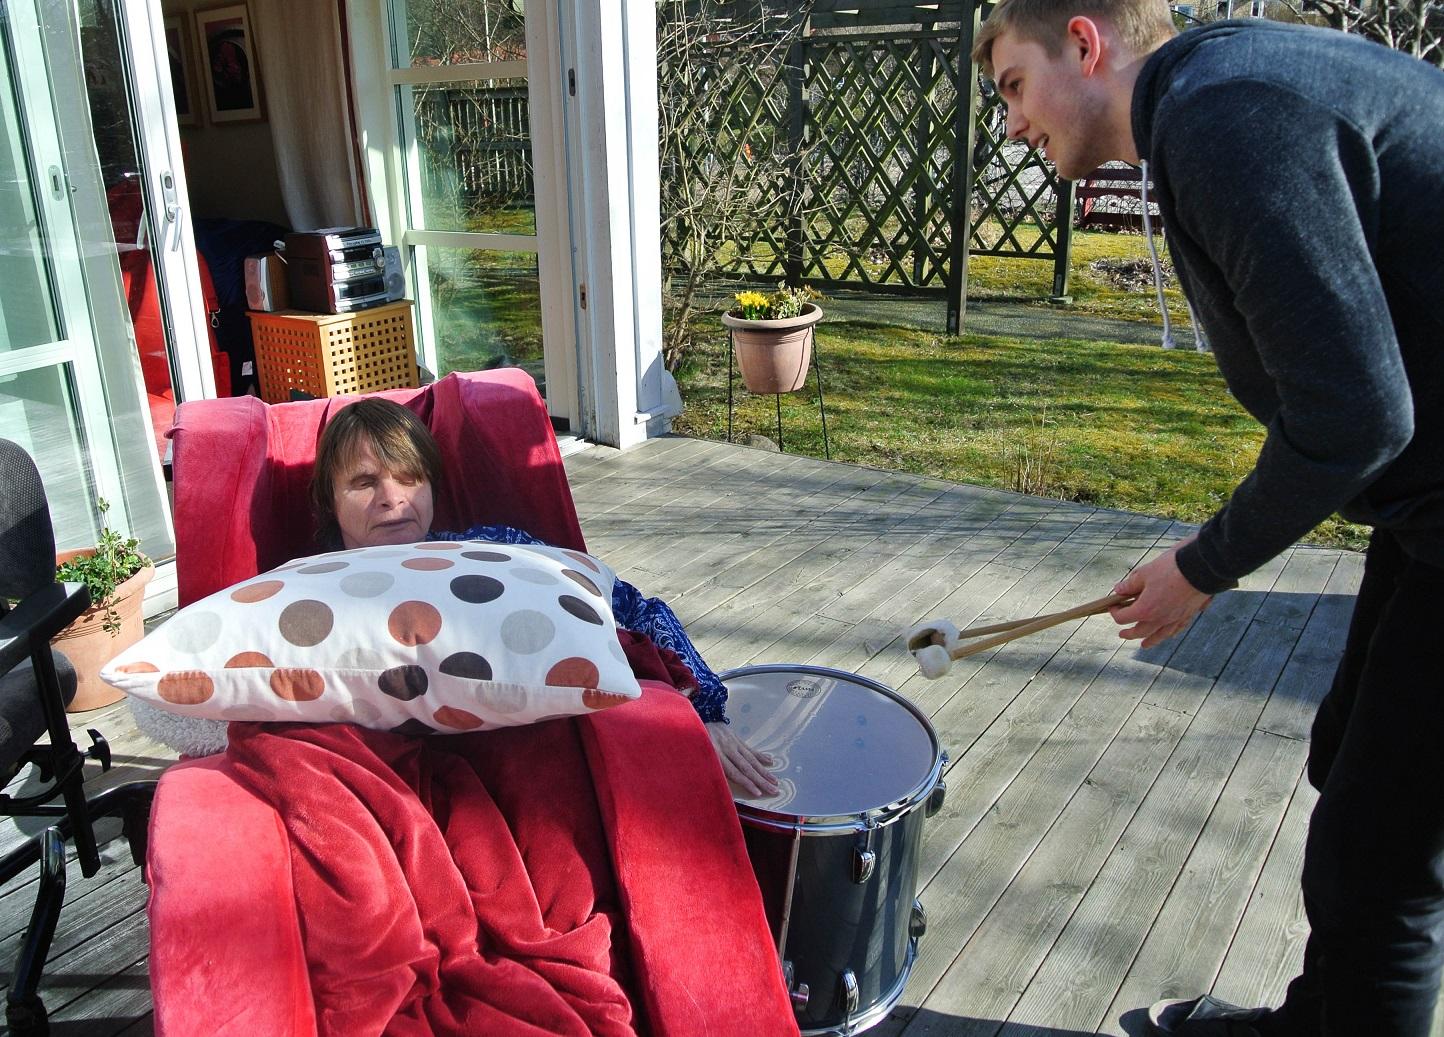 Anja halvligger i den röda stolen med en prickig kudda på magen. Ena handen är på trumman till vänster. John står intill och trummar.